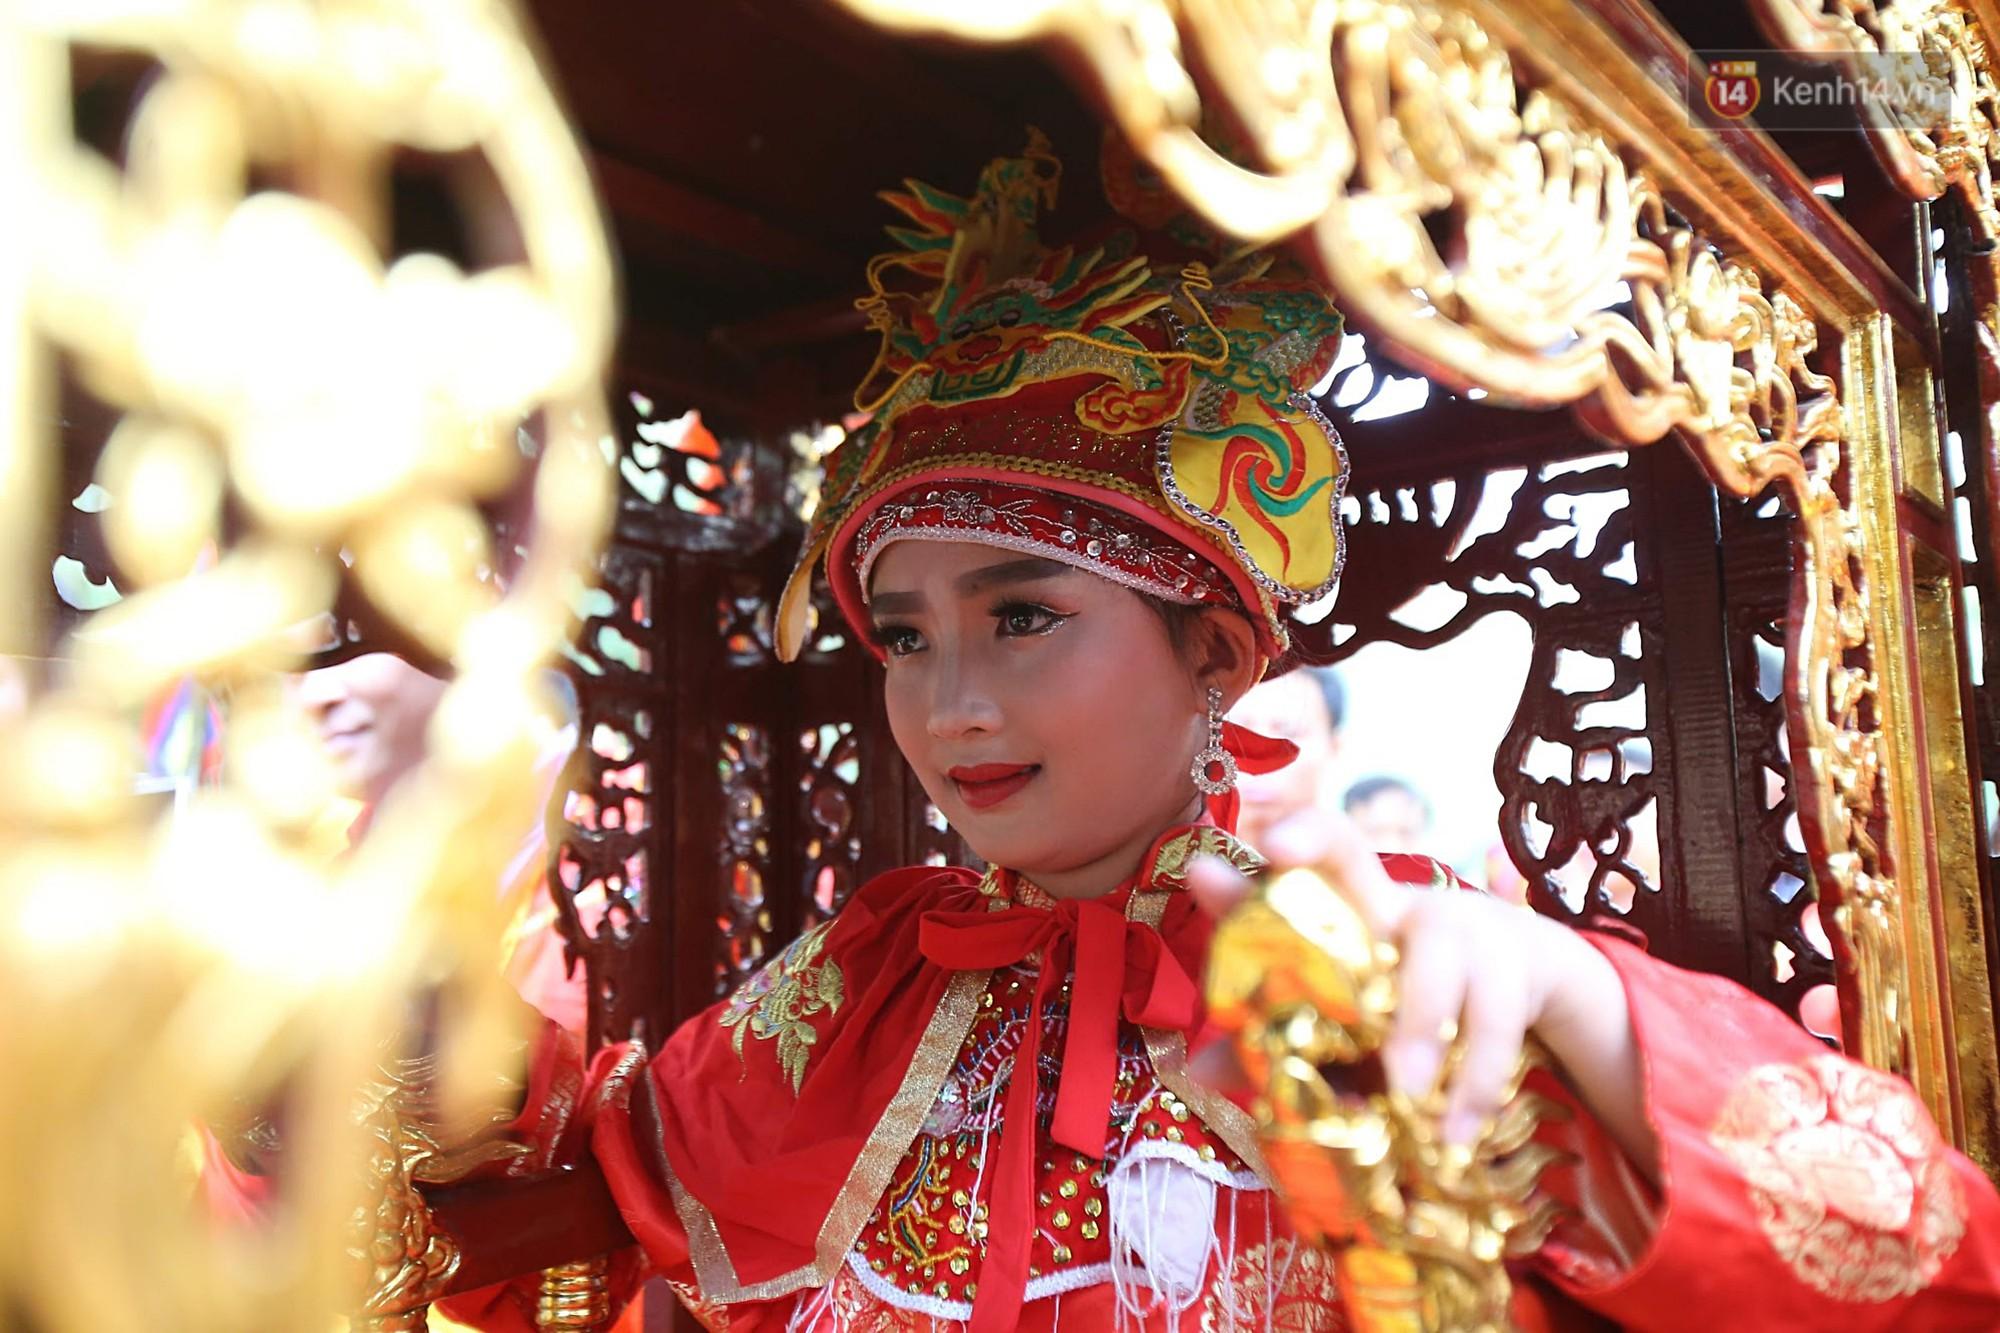 Khai hội Đền Gióng ở Hà Nội, tướng bà 12 tuổi được bảo vệ nghiêm ngặt - Ảnh 7.